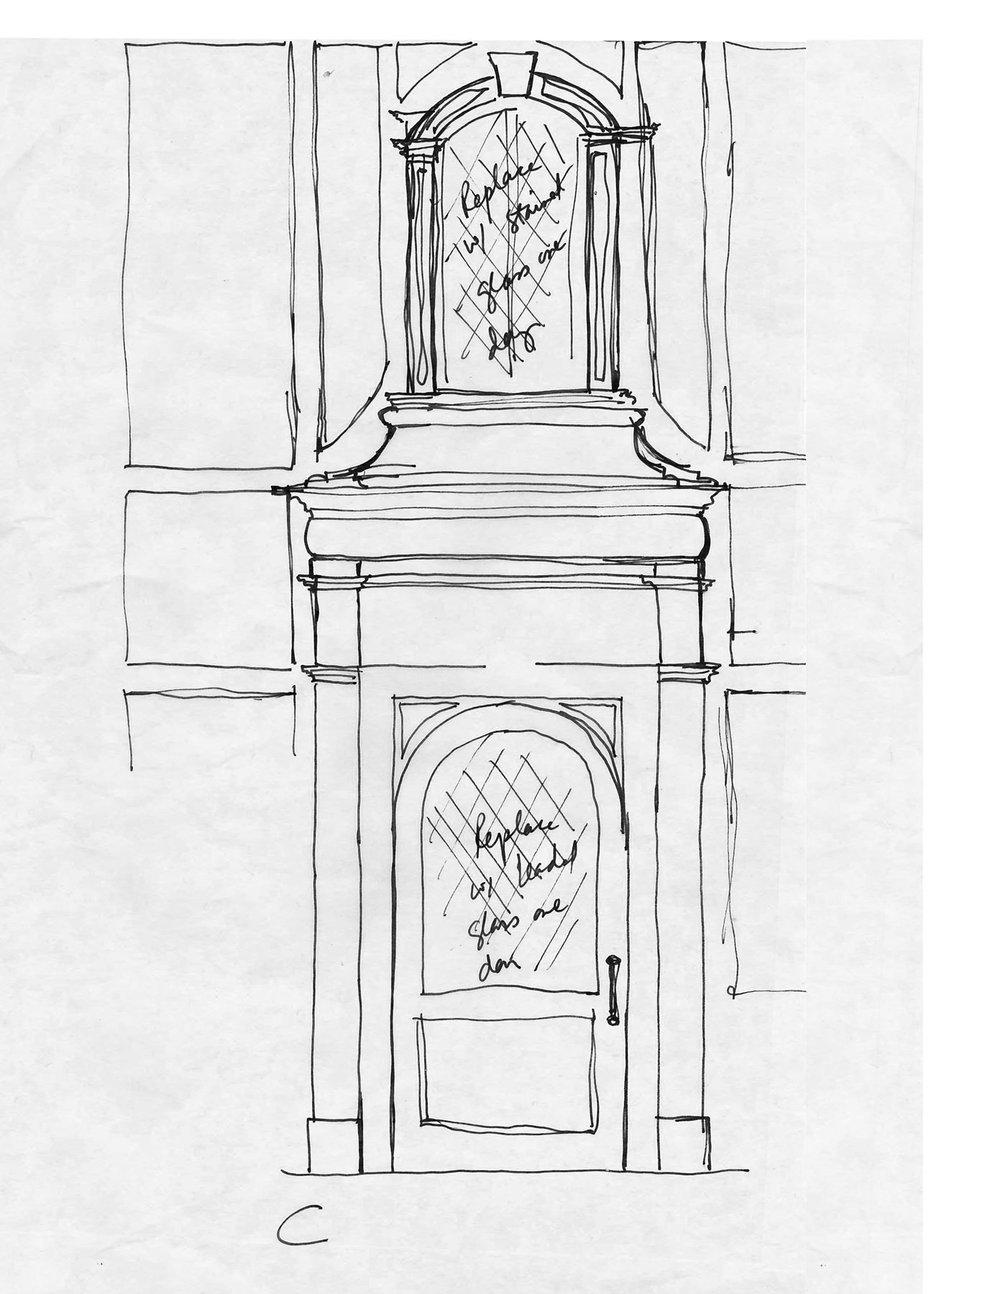 Dallas--Eikenburg-door-sketches-5.jpg